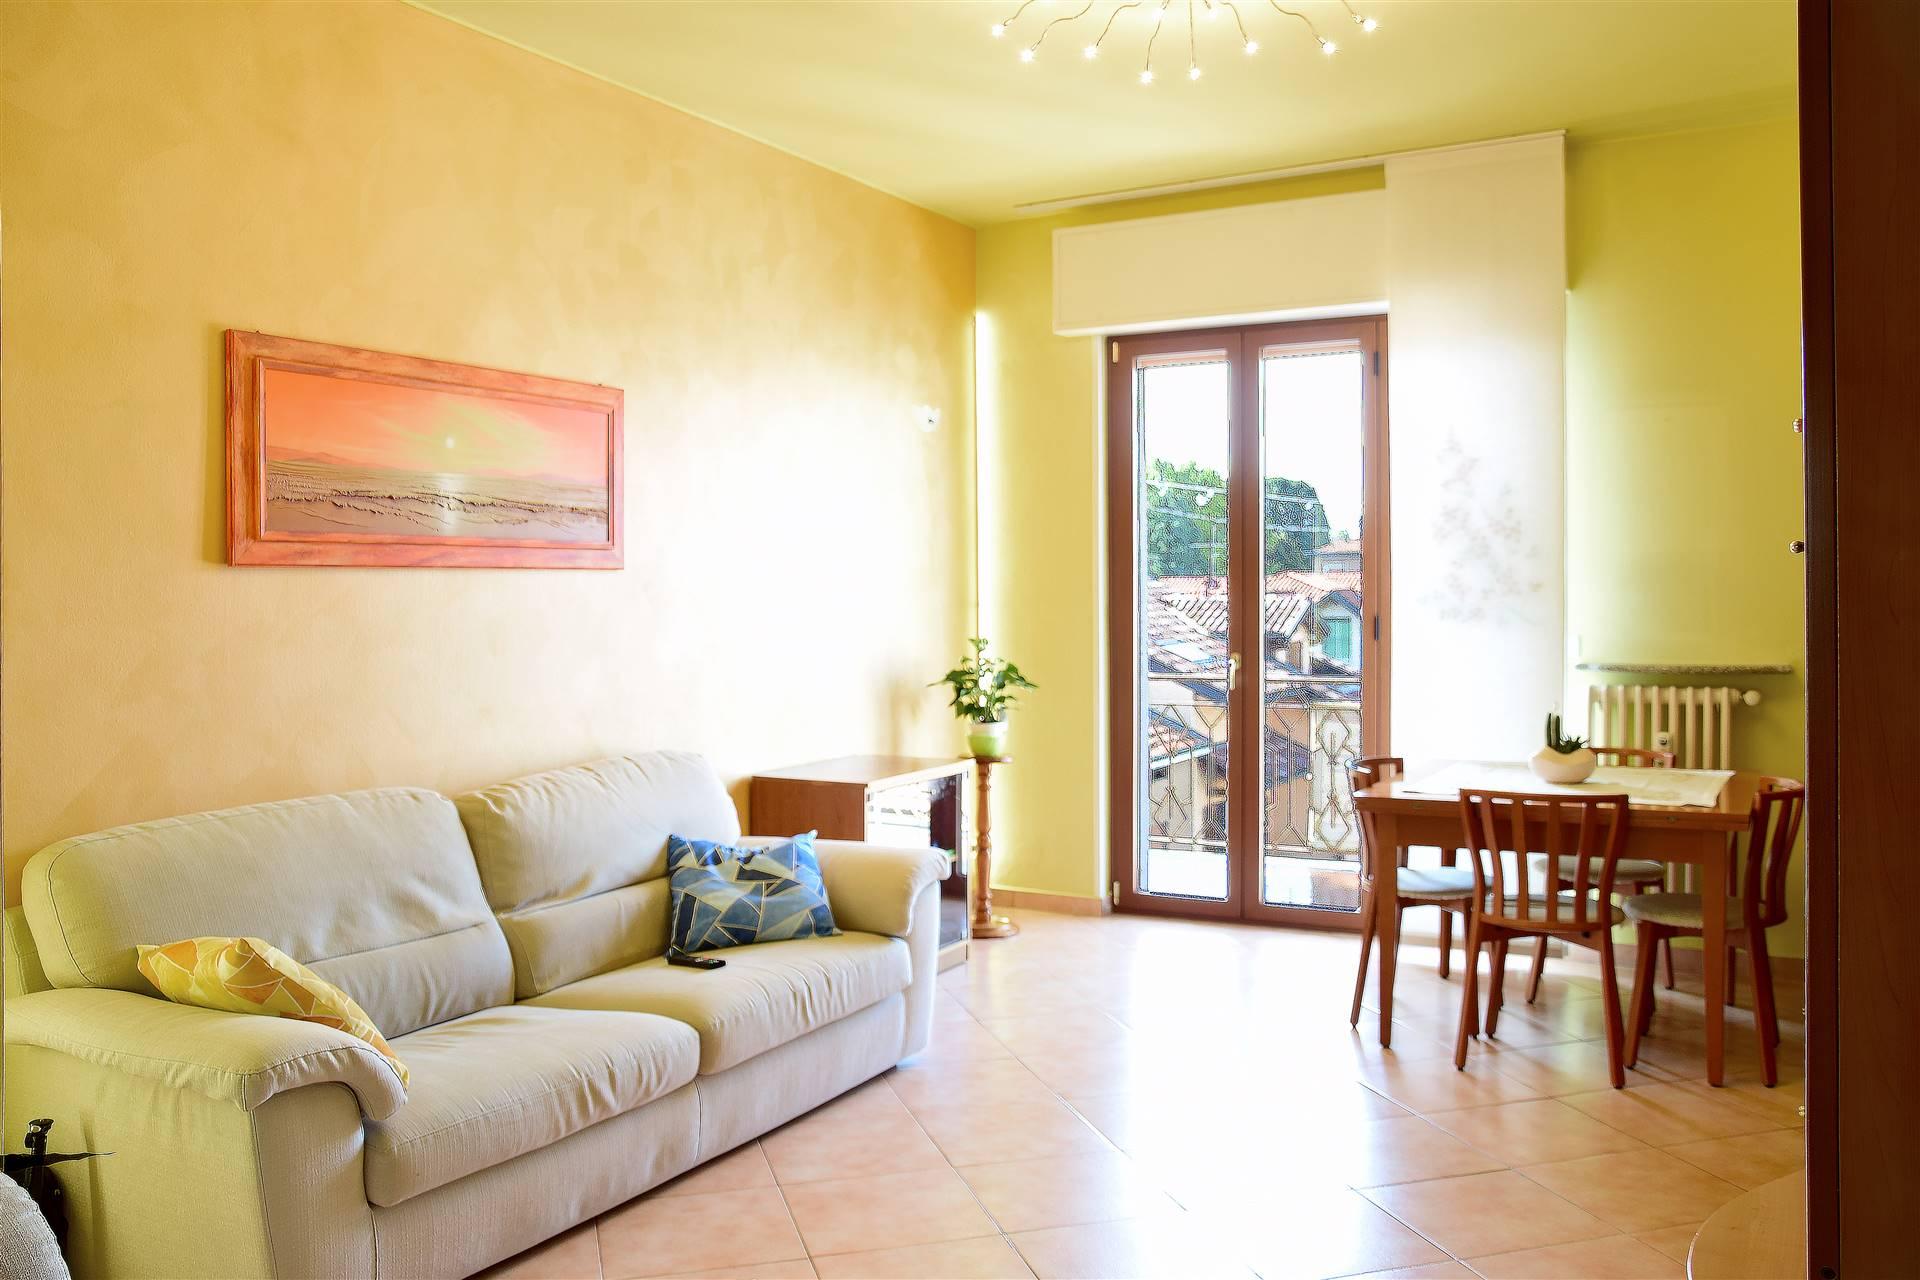 Appartamento in vendita a Trezzo sull'Adda, 3 locali, prezzo € 109.000 | PortaleAgenzieImmobiliari.it